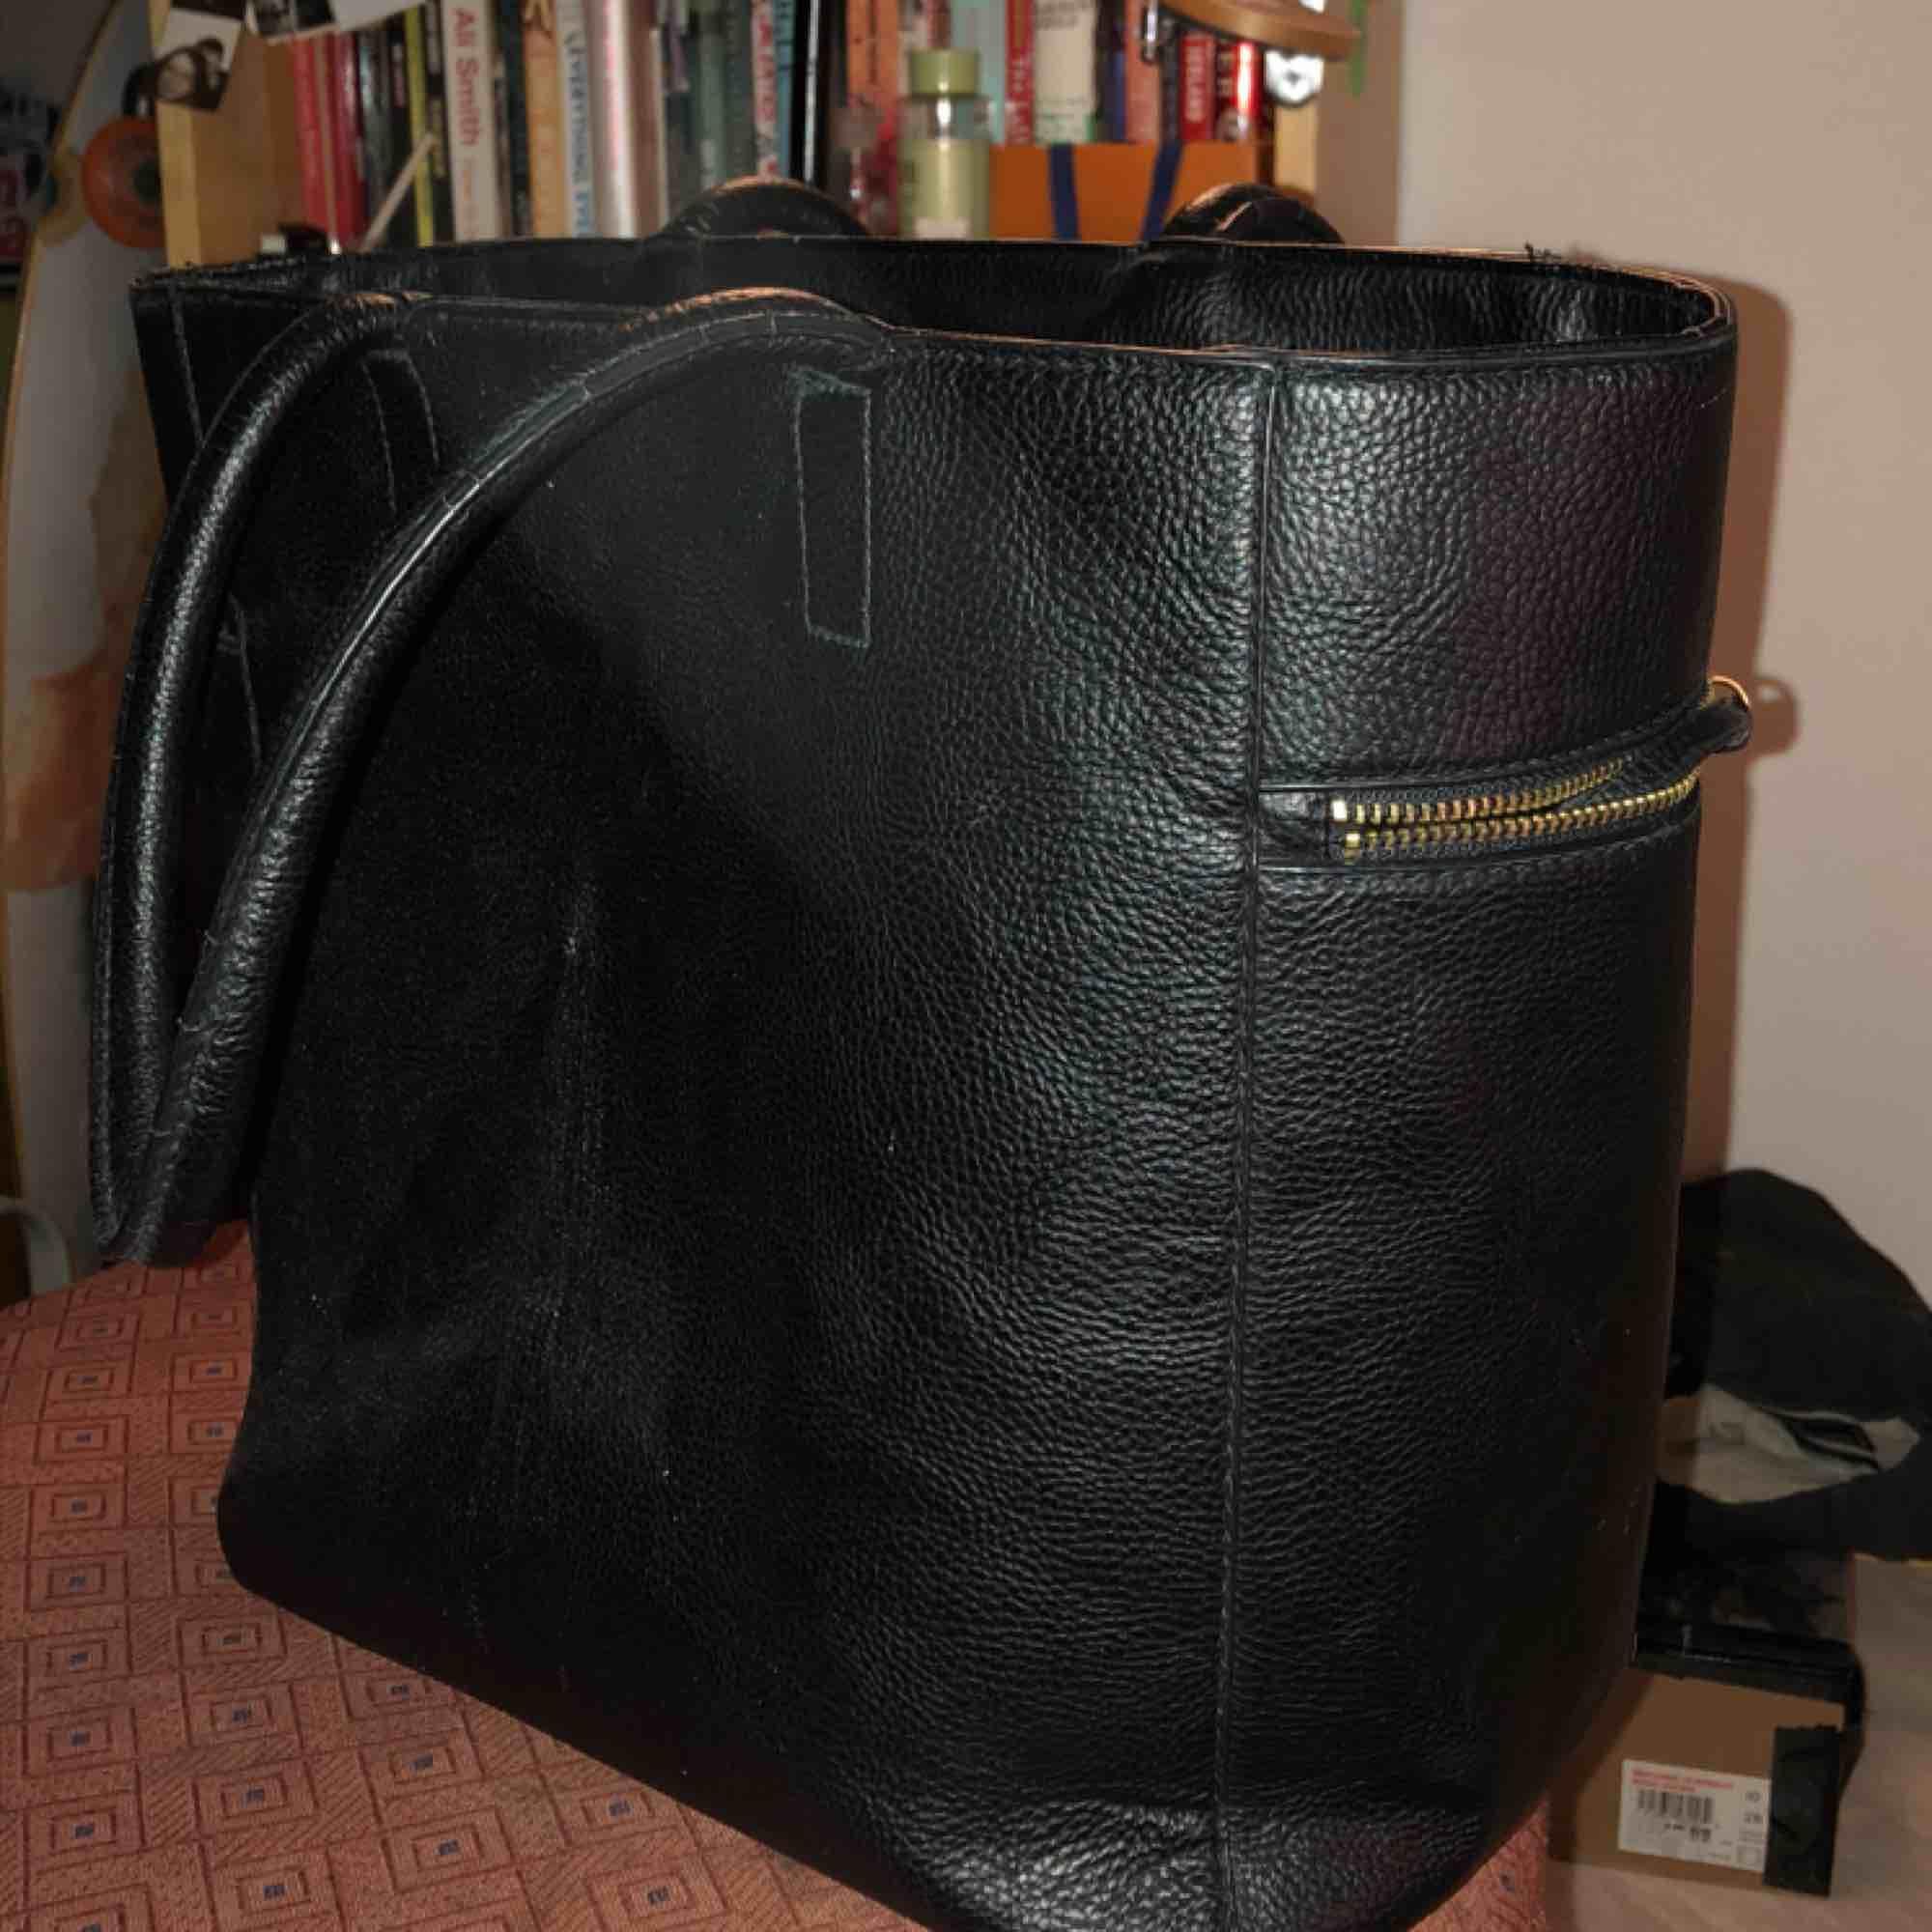 5f0efcab70834 Große Handtasche von H   M mit Innen- und Außenfach!. Taschen   Geldbörsen